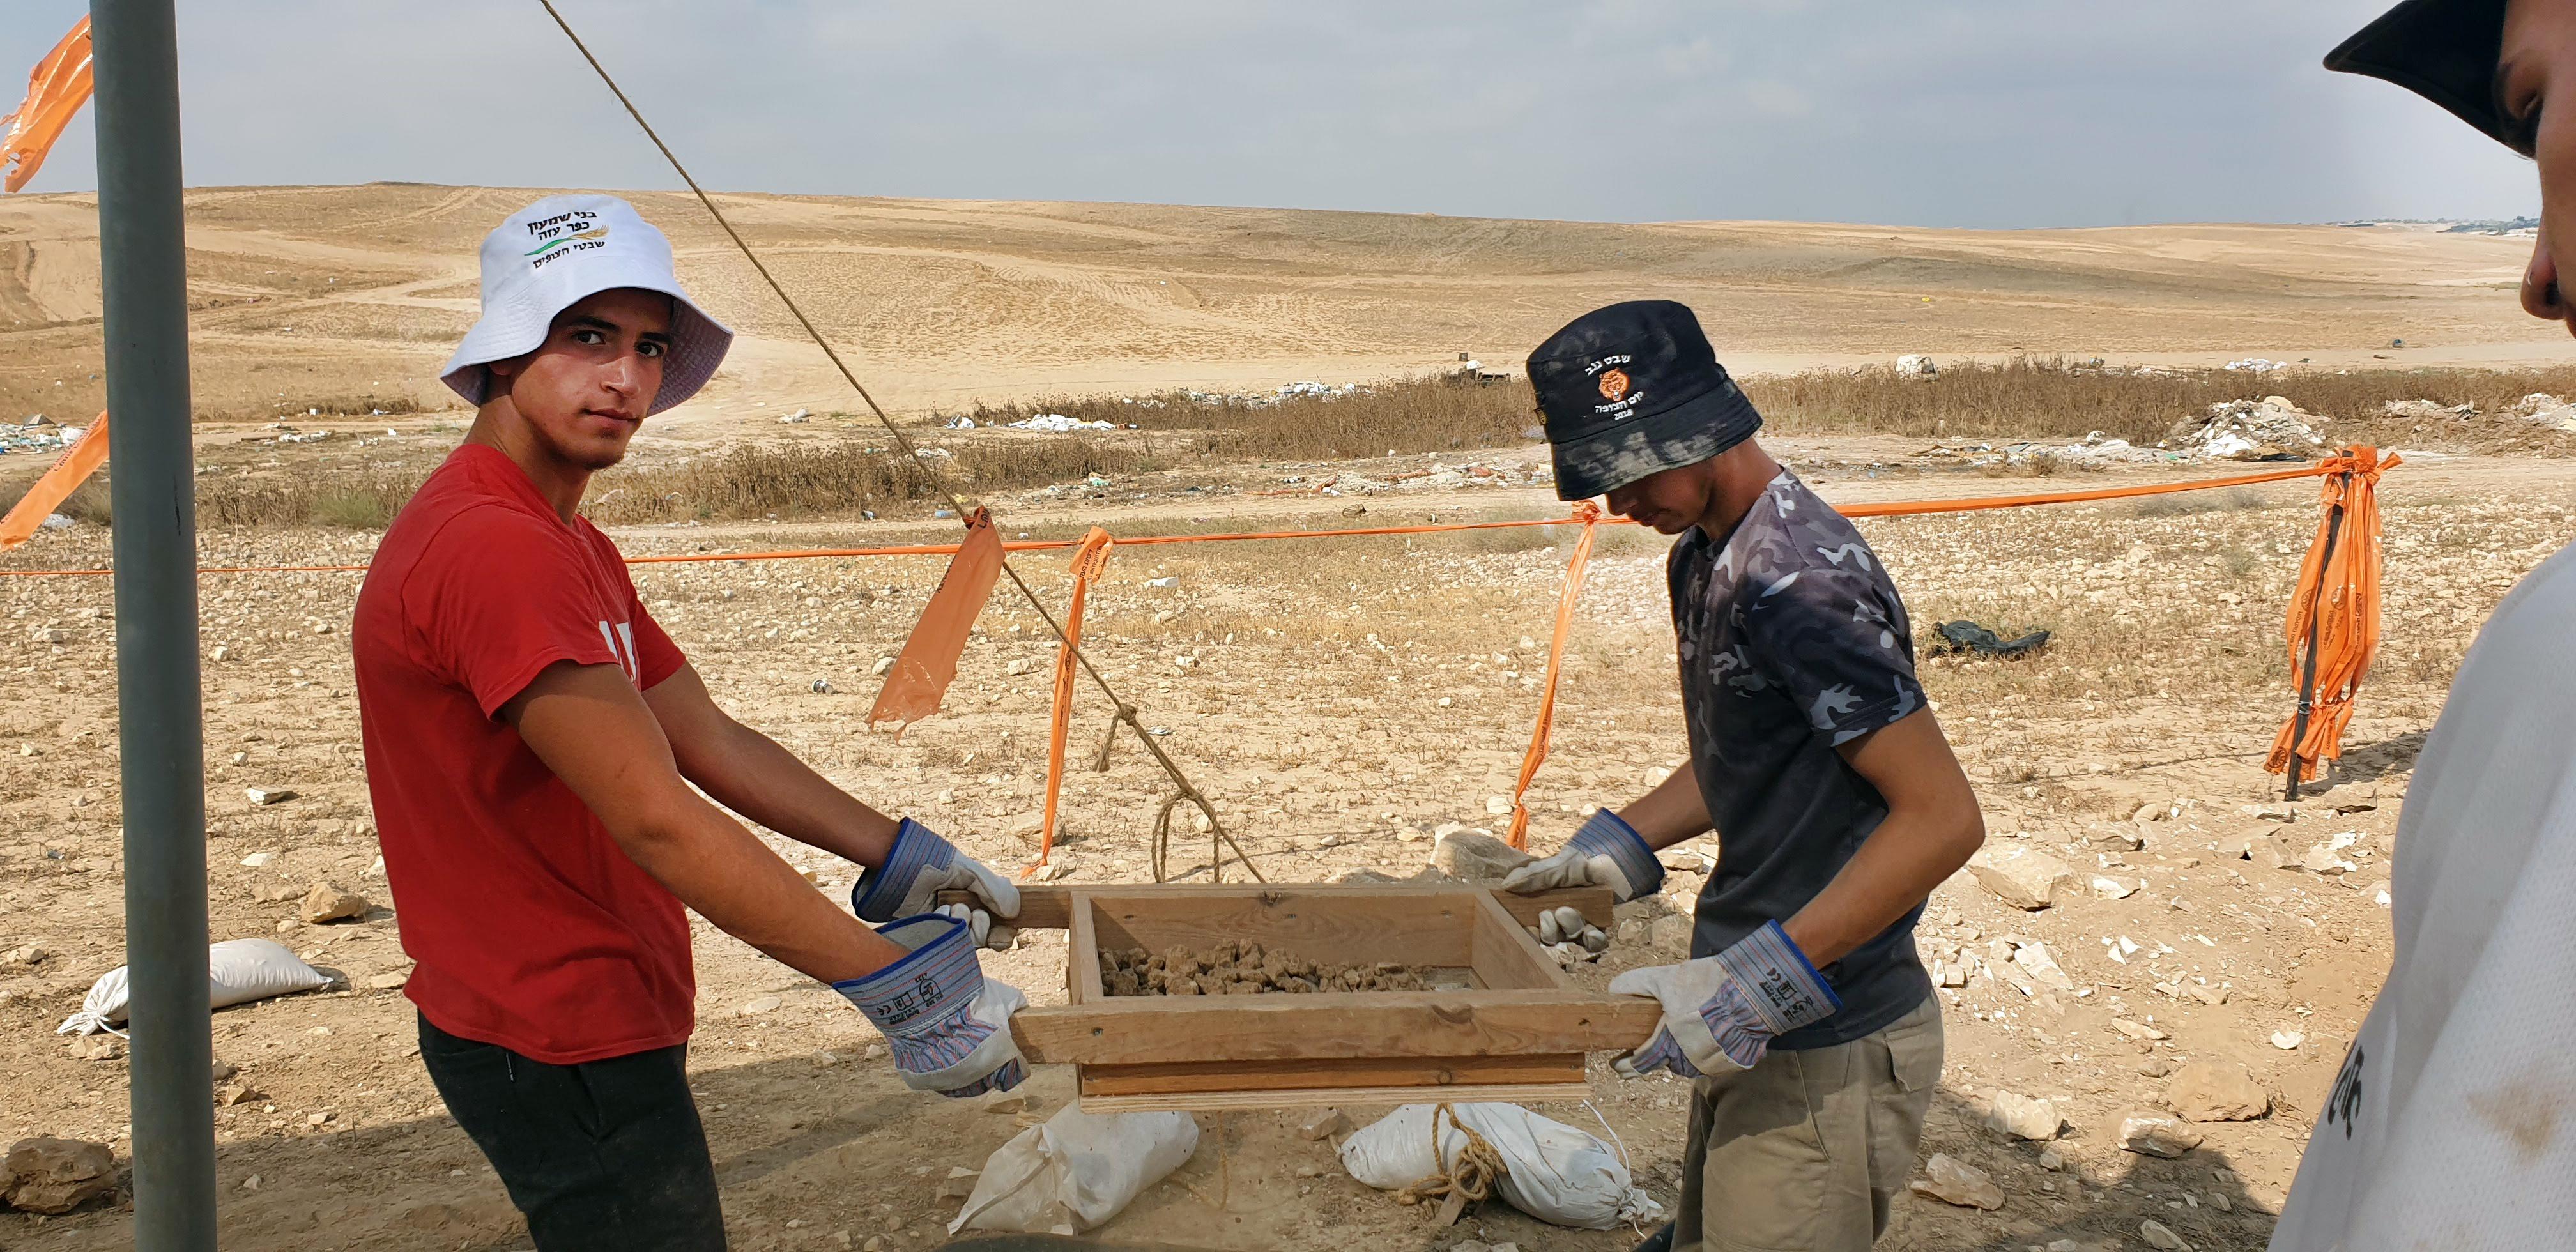 בחפירות השתתפו נערים ותושבי העיר - צילום: רשות העתיקות